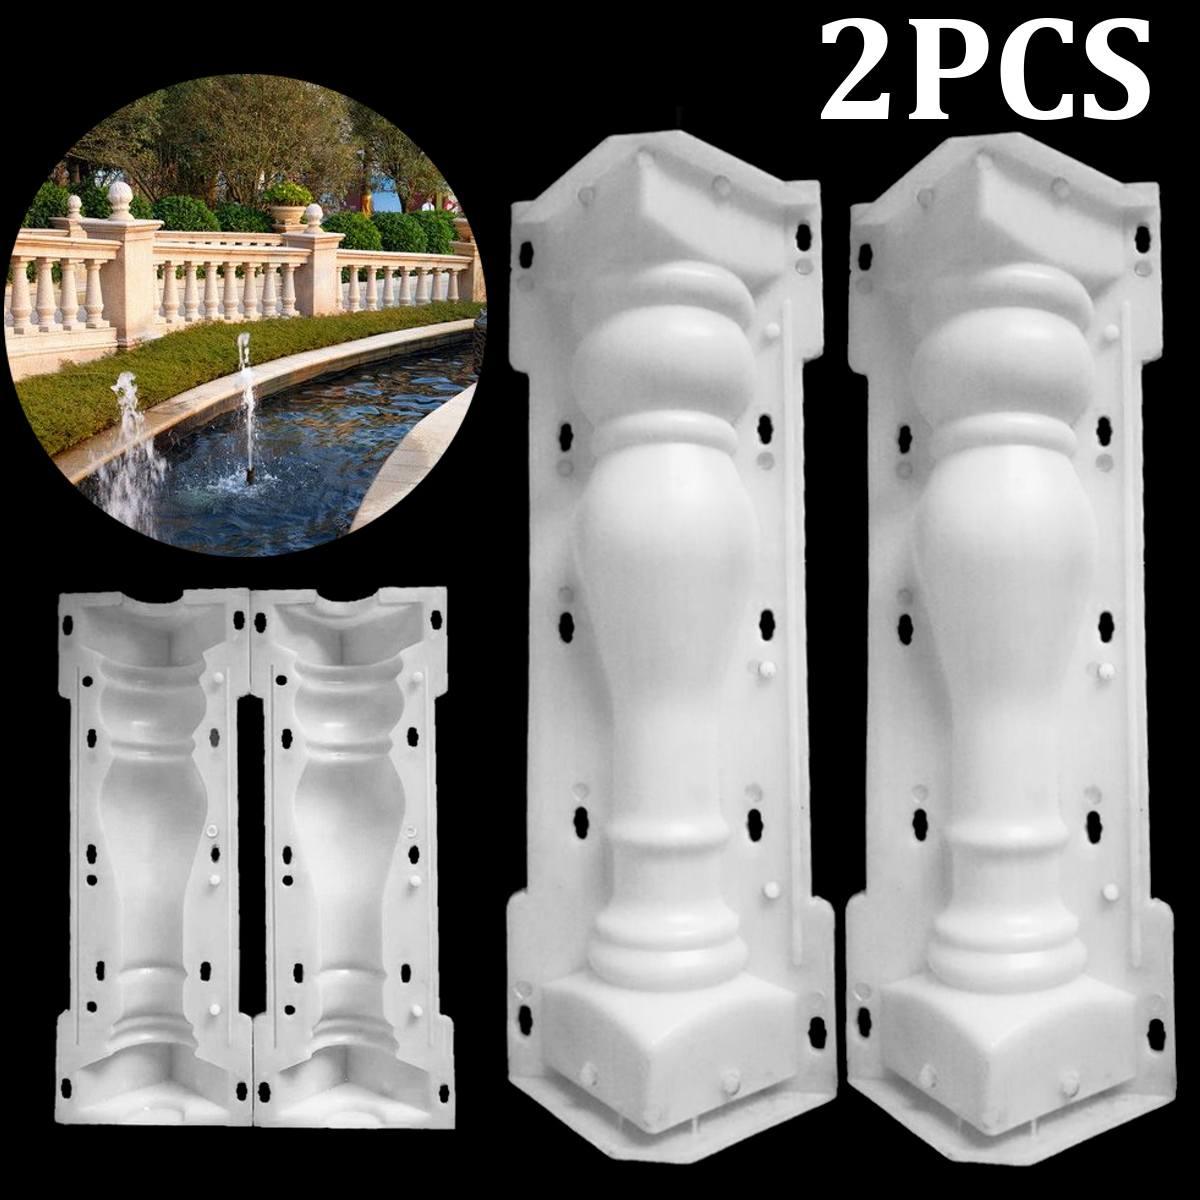 60X14 Cm Romeinse Kolom Schimmel Balkon Tuin Zwembad Hek Cement Reling Gips Beton Schimmel Kolom Schimmel Vangrail Gebouw